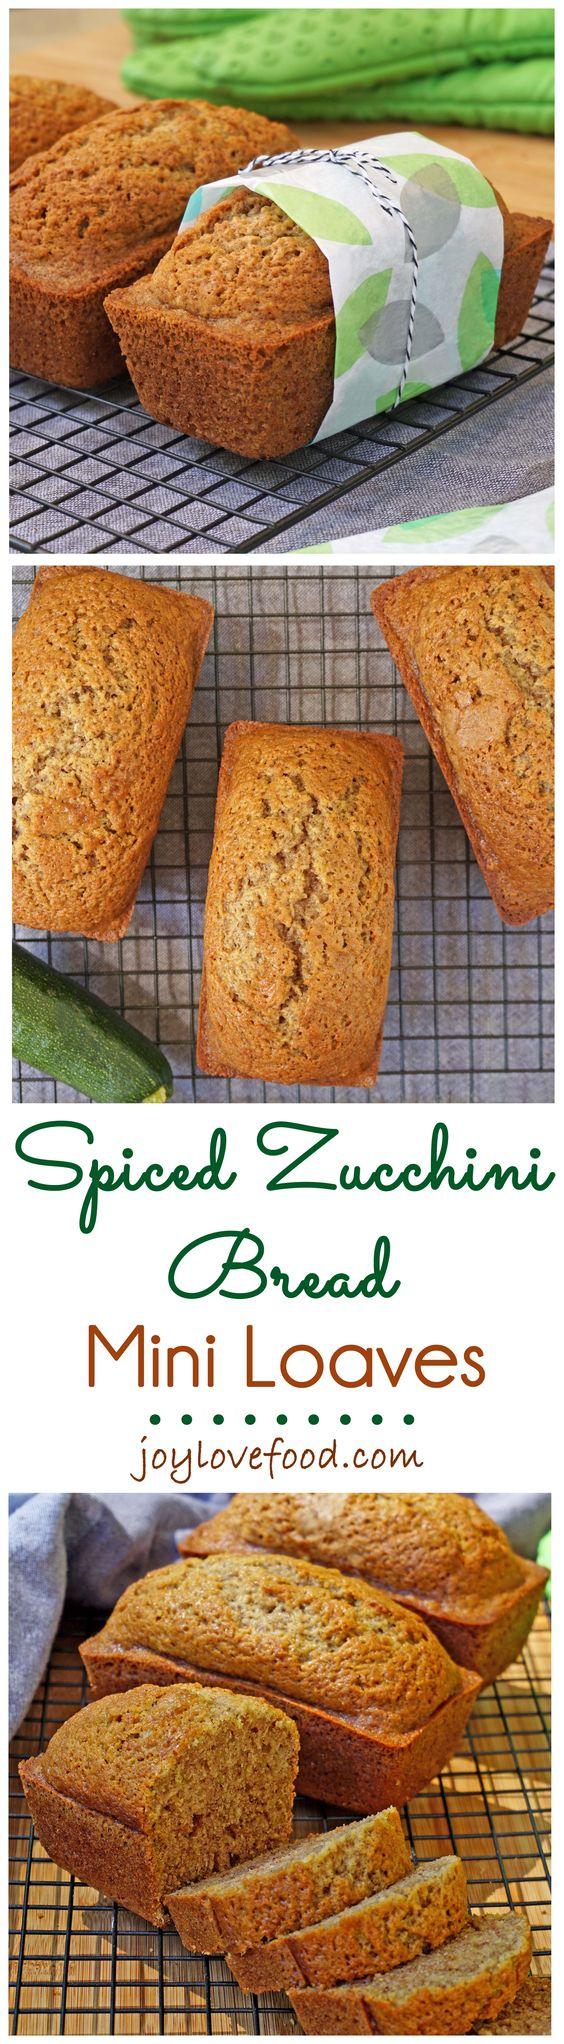 Spiced Zucchini Bread Mini Loaves | Recipe | Zucchini, Breads and ...